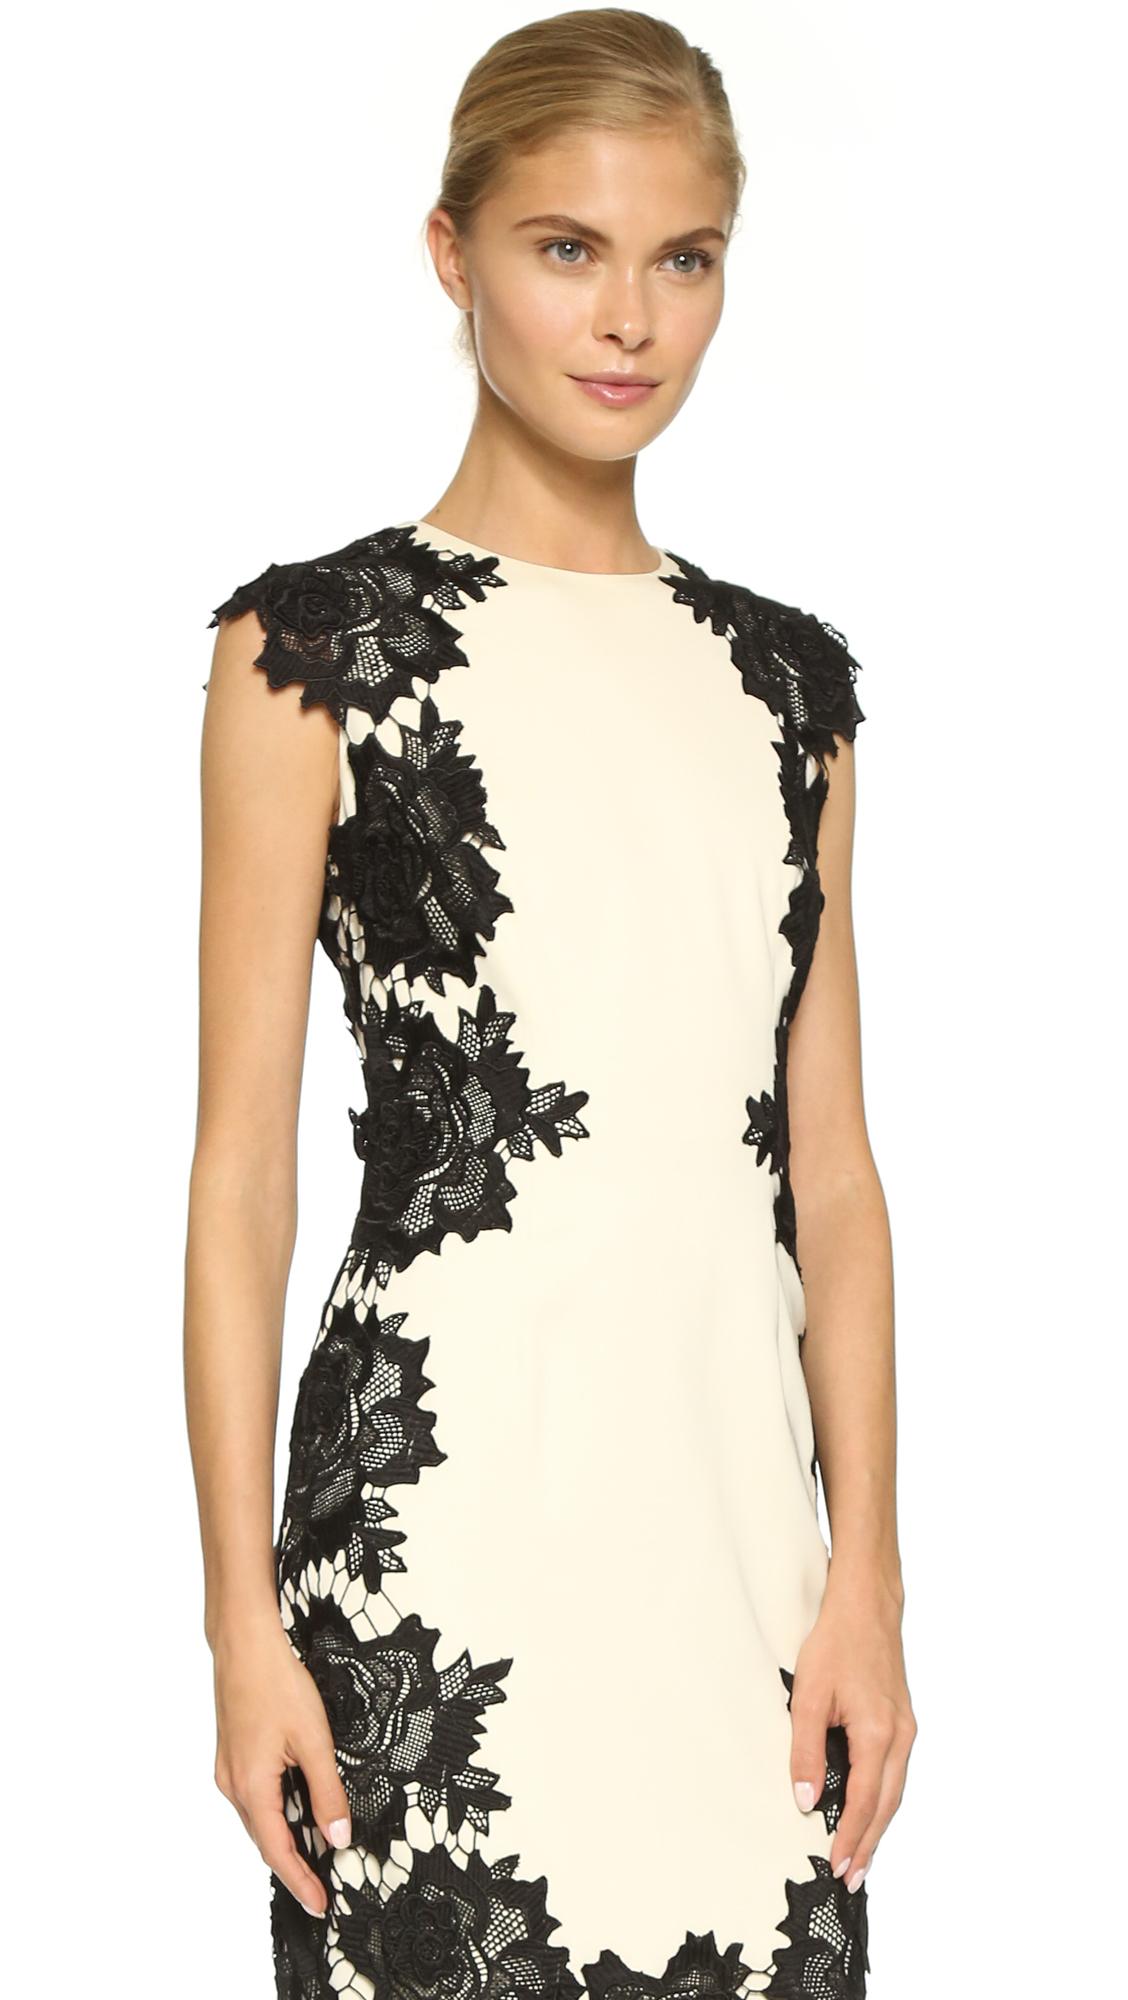 Lela rose Lace Sheath Dress  Ivoryblack in Black IvoryBlack  Lyst